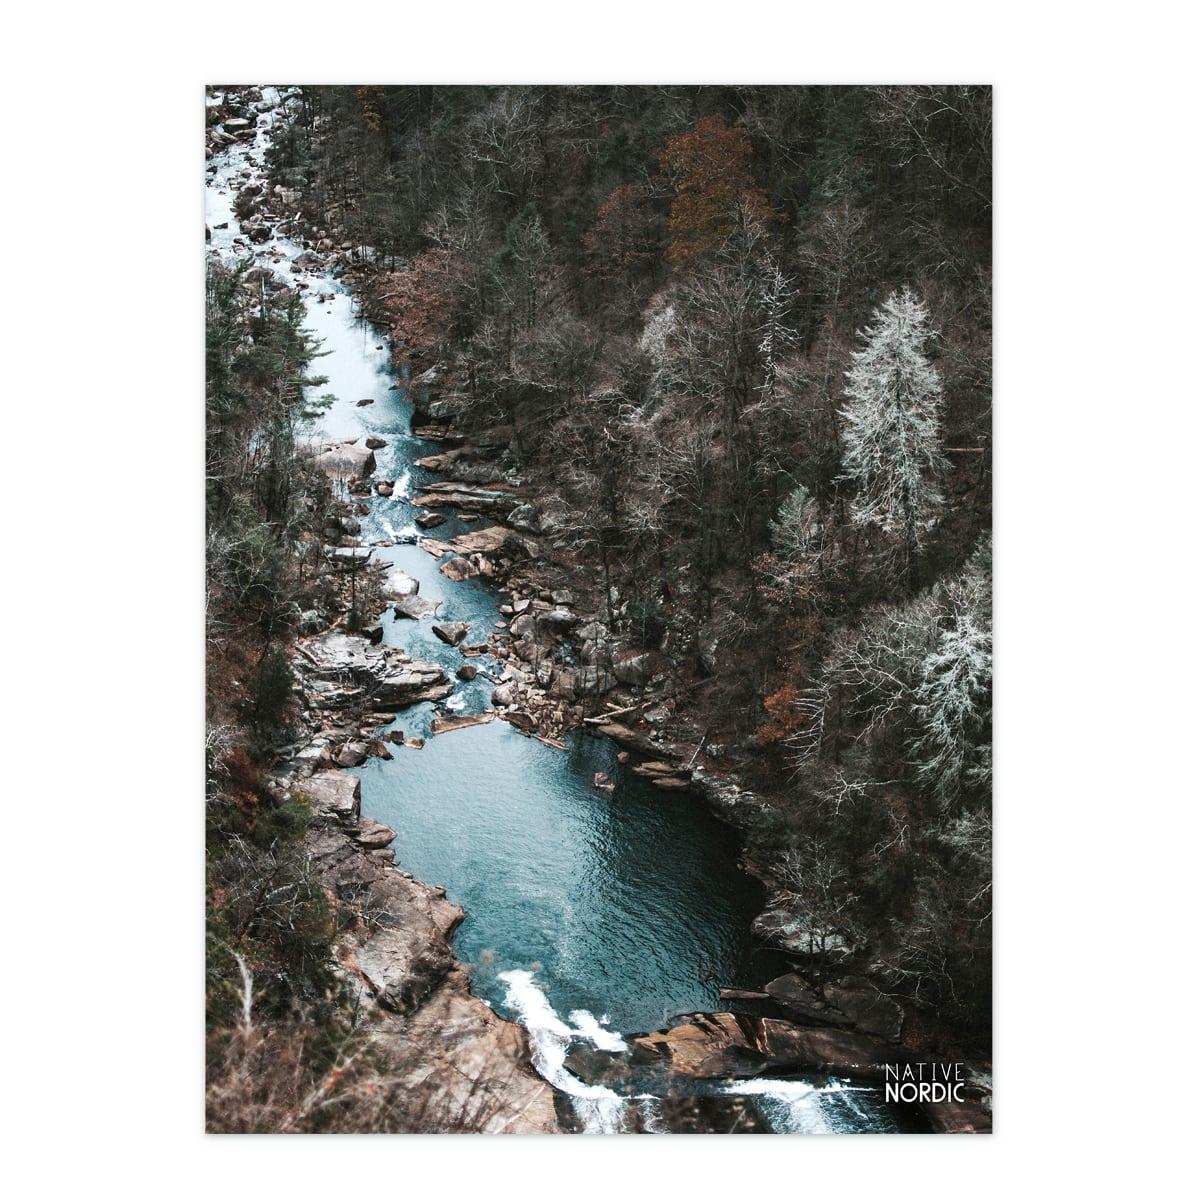 Chill Forest plakat MTB fotokunstplakat fra Native Nordic